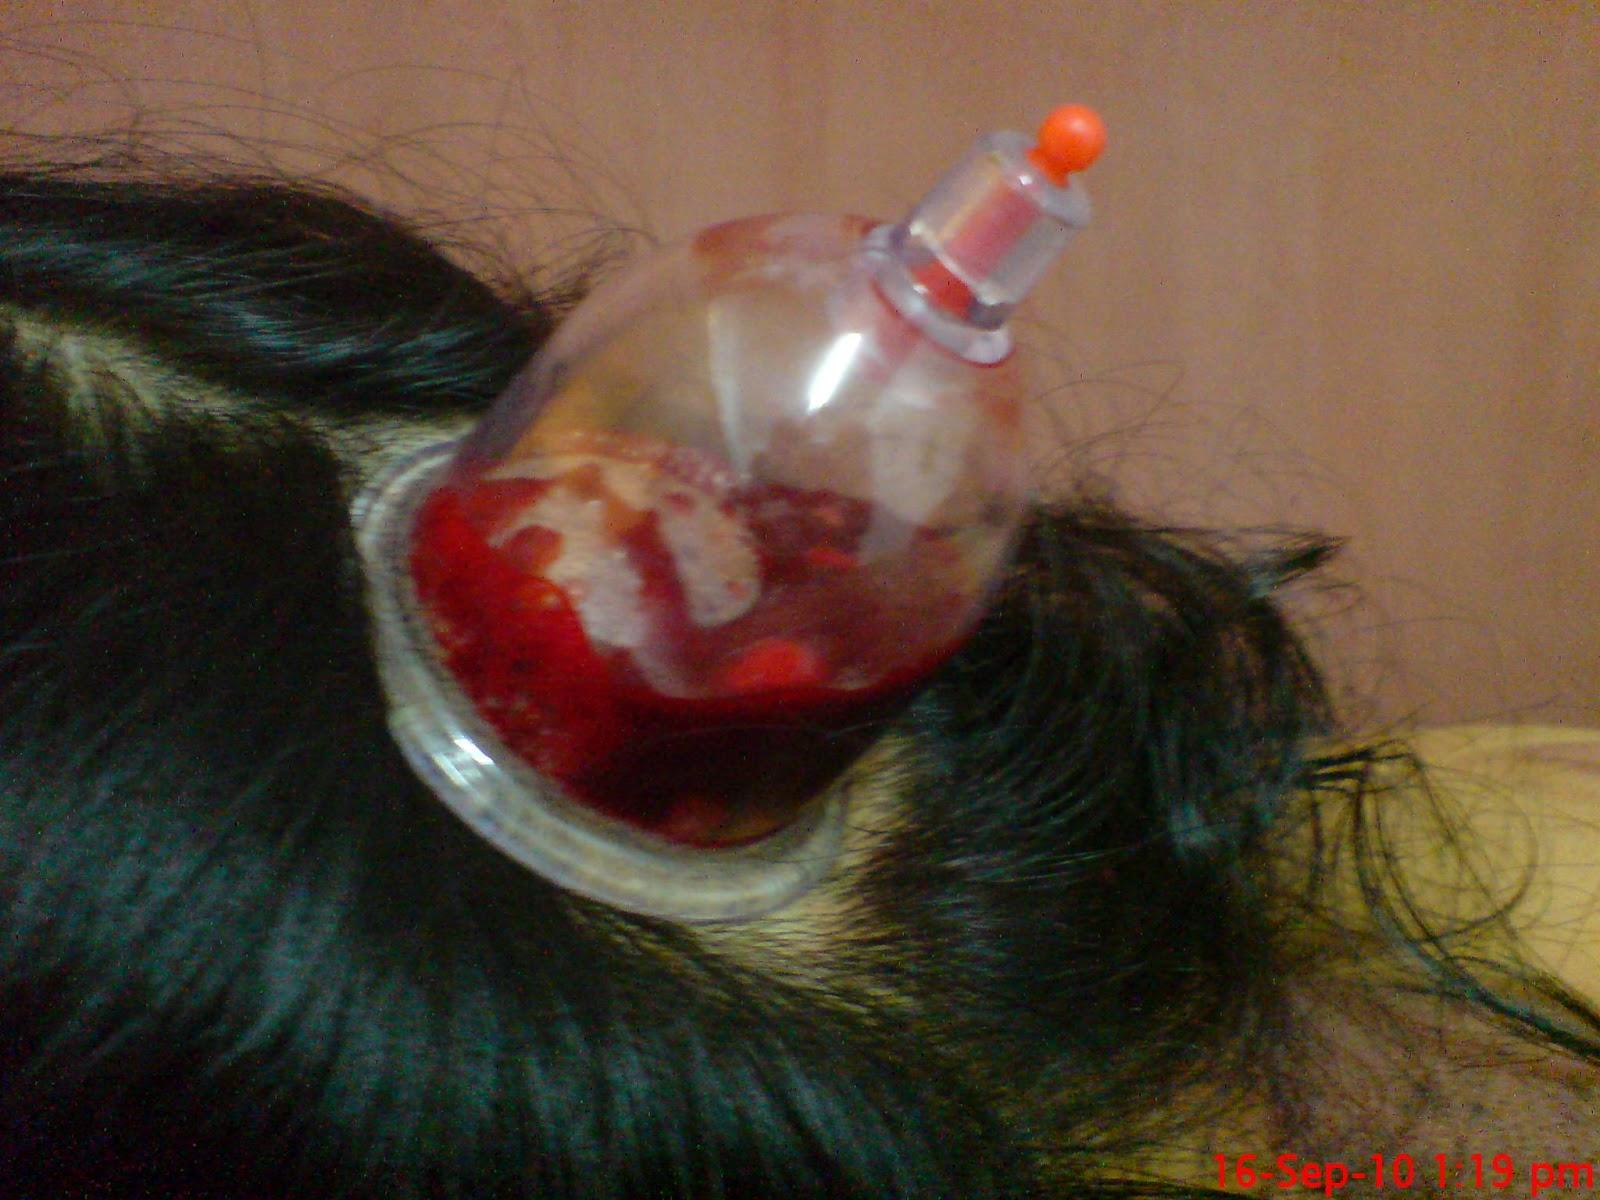 Belakang Sakit Kepala Sebelah Kiri Sakit Kepala Sebelah Kan